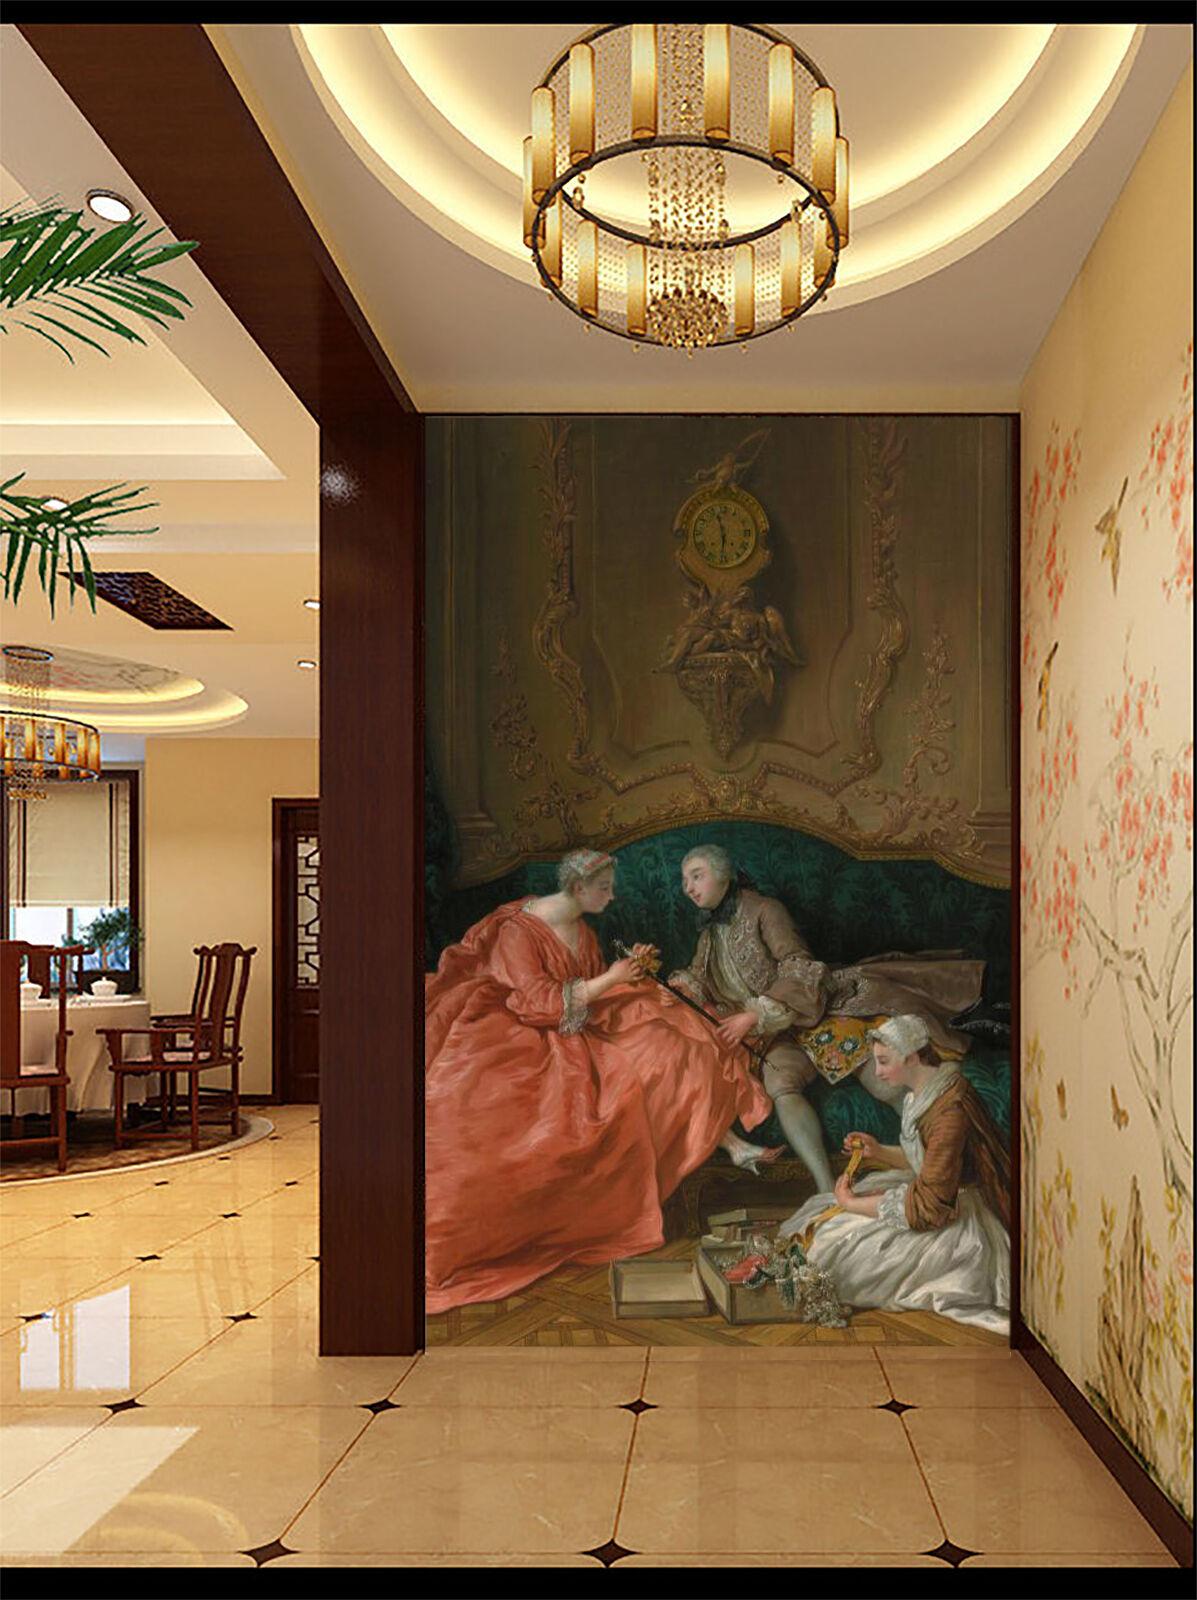 3D Menschen Gemälde Fototapeten Wandbild Fototapete Bild Tapete Familie Familie Familie Kinder | Modisch  | Wirtschaft  |  f5f579